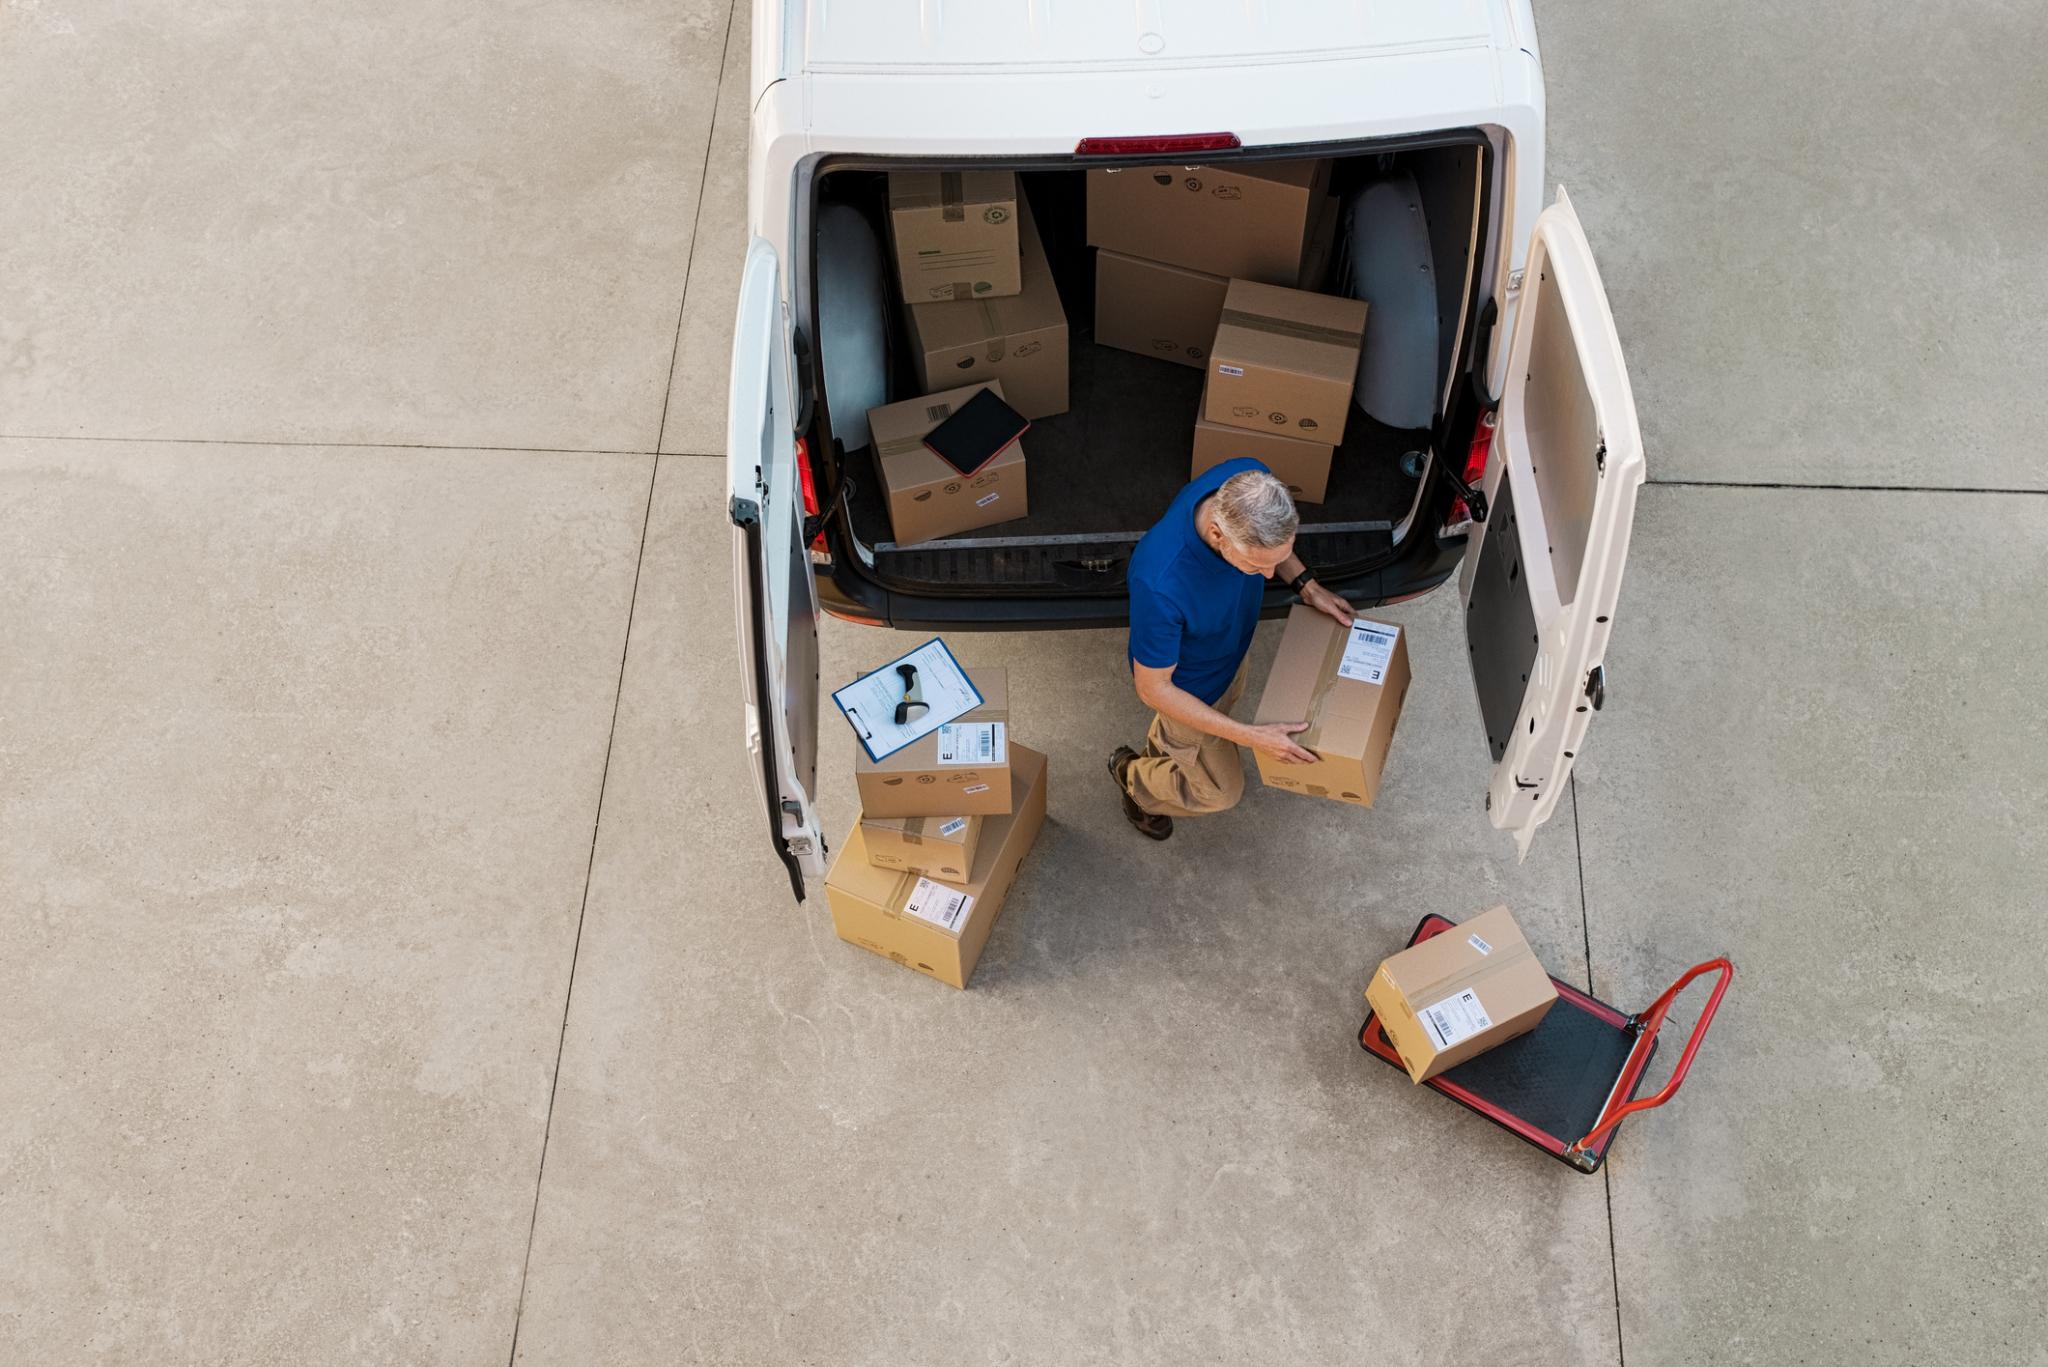 Conti: European, US e-commerce accounts for 77 billion km per annum